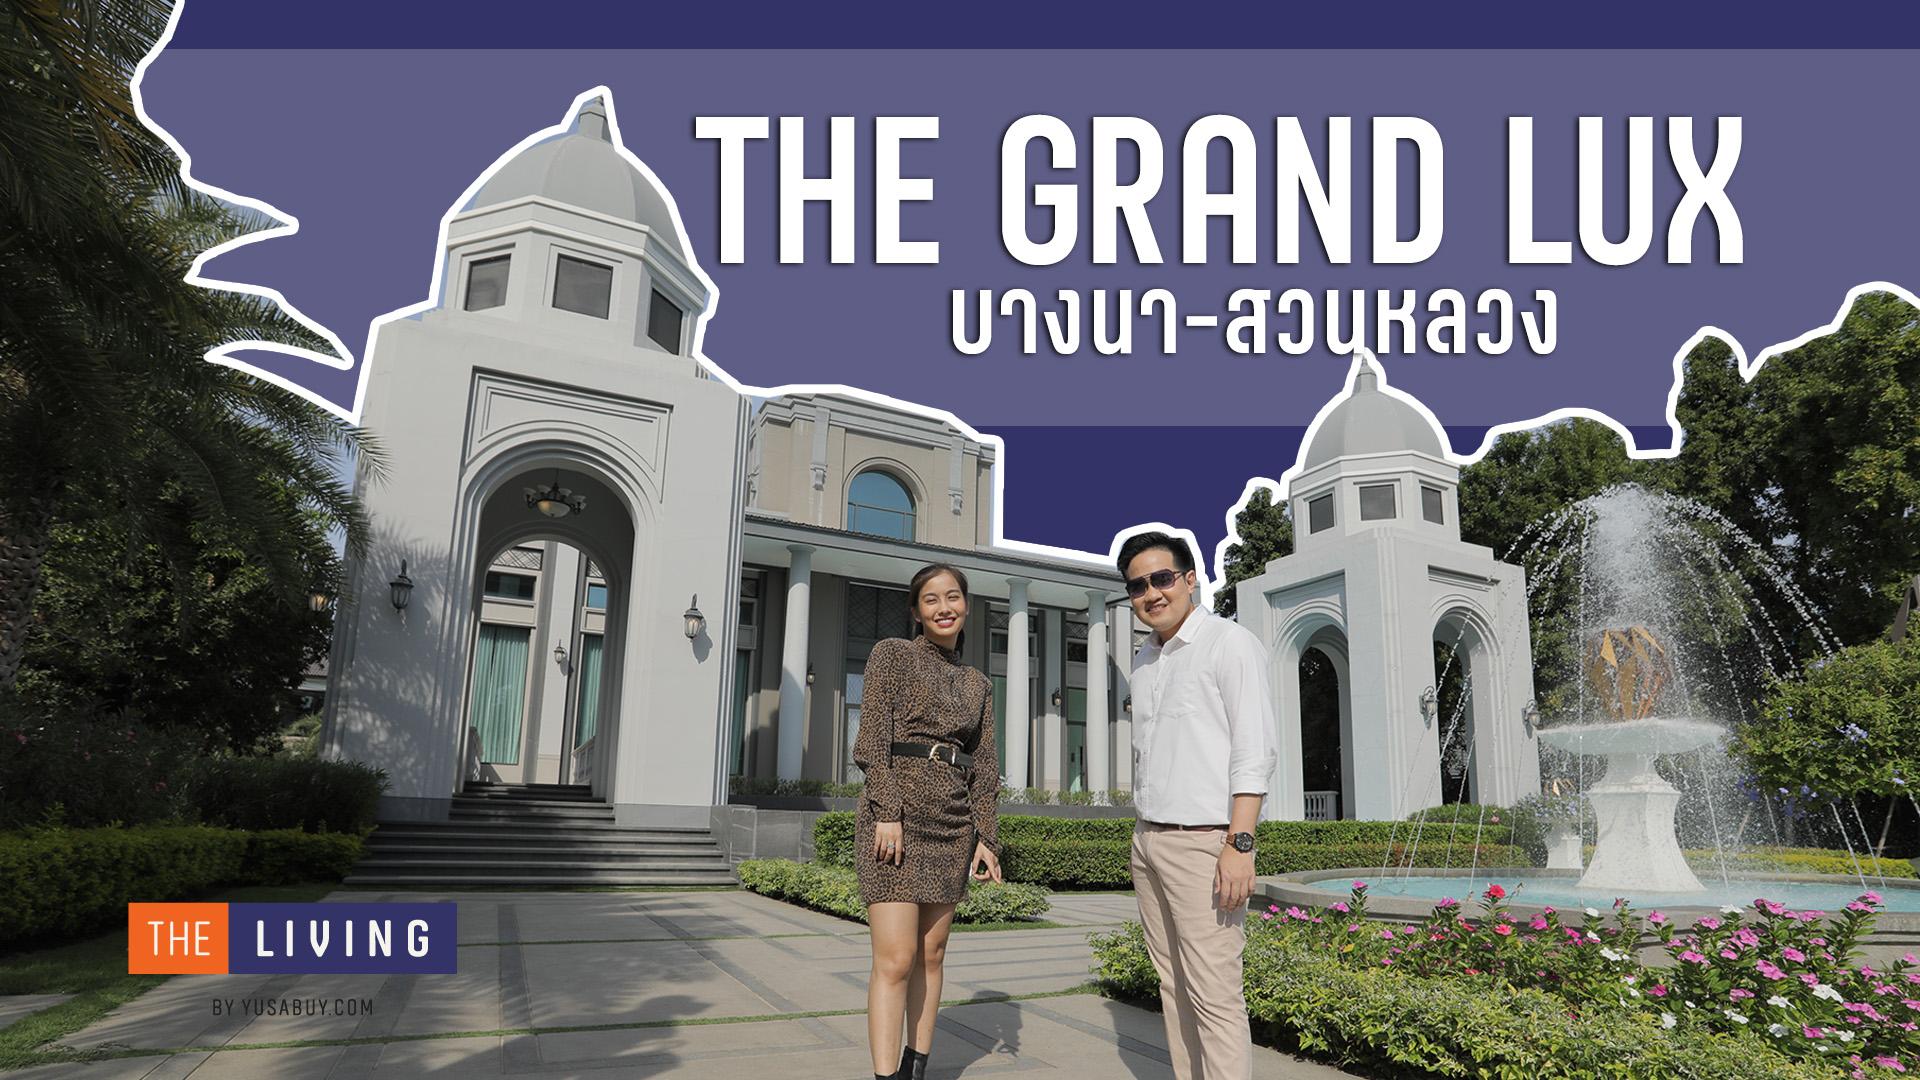 รีวิว The Grand Lux บางนา-สวนหลวง บ้านหรูสไตล์ Modern Luxury ราคา 17-40 ล้าน